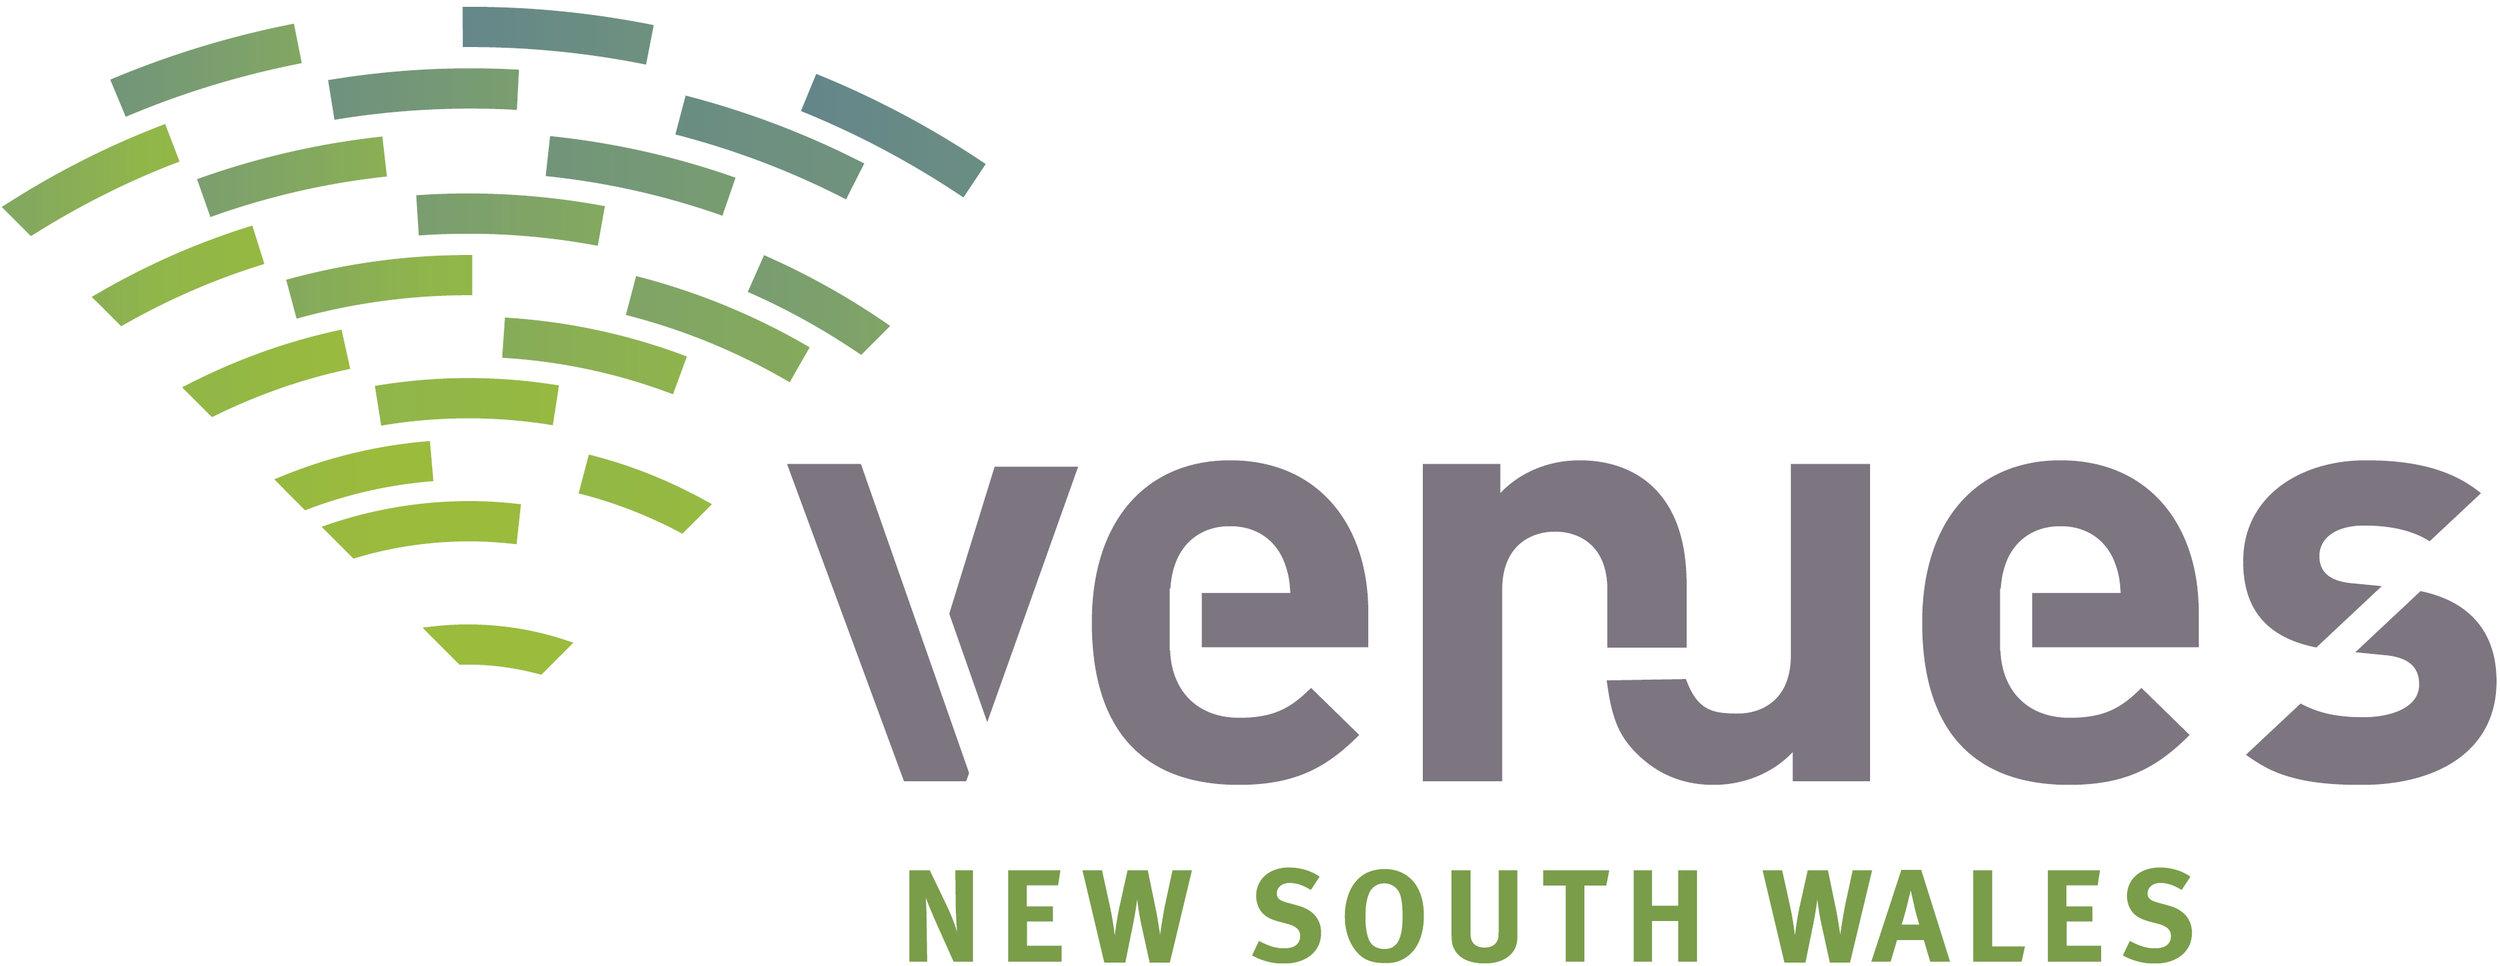 VNSW logo.jpg